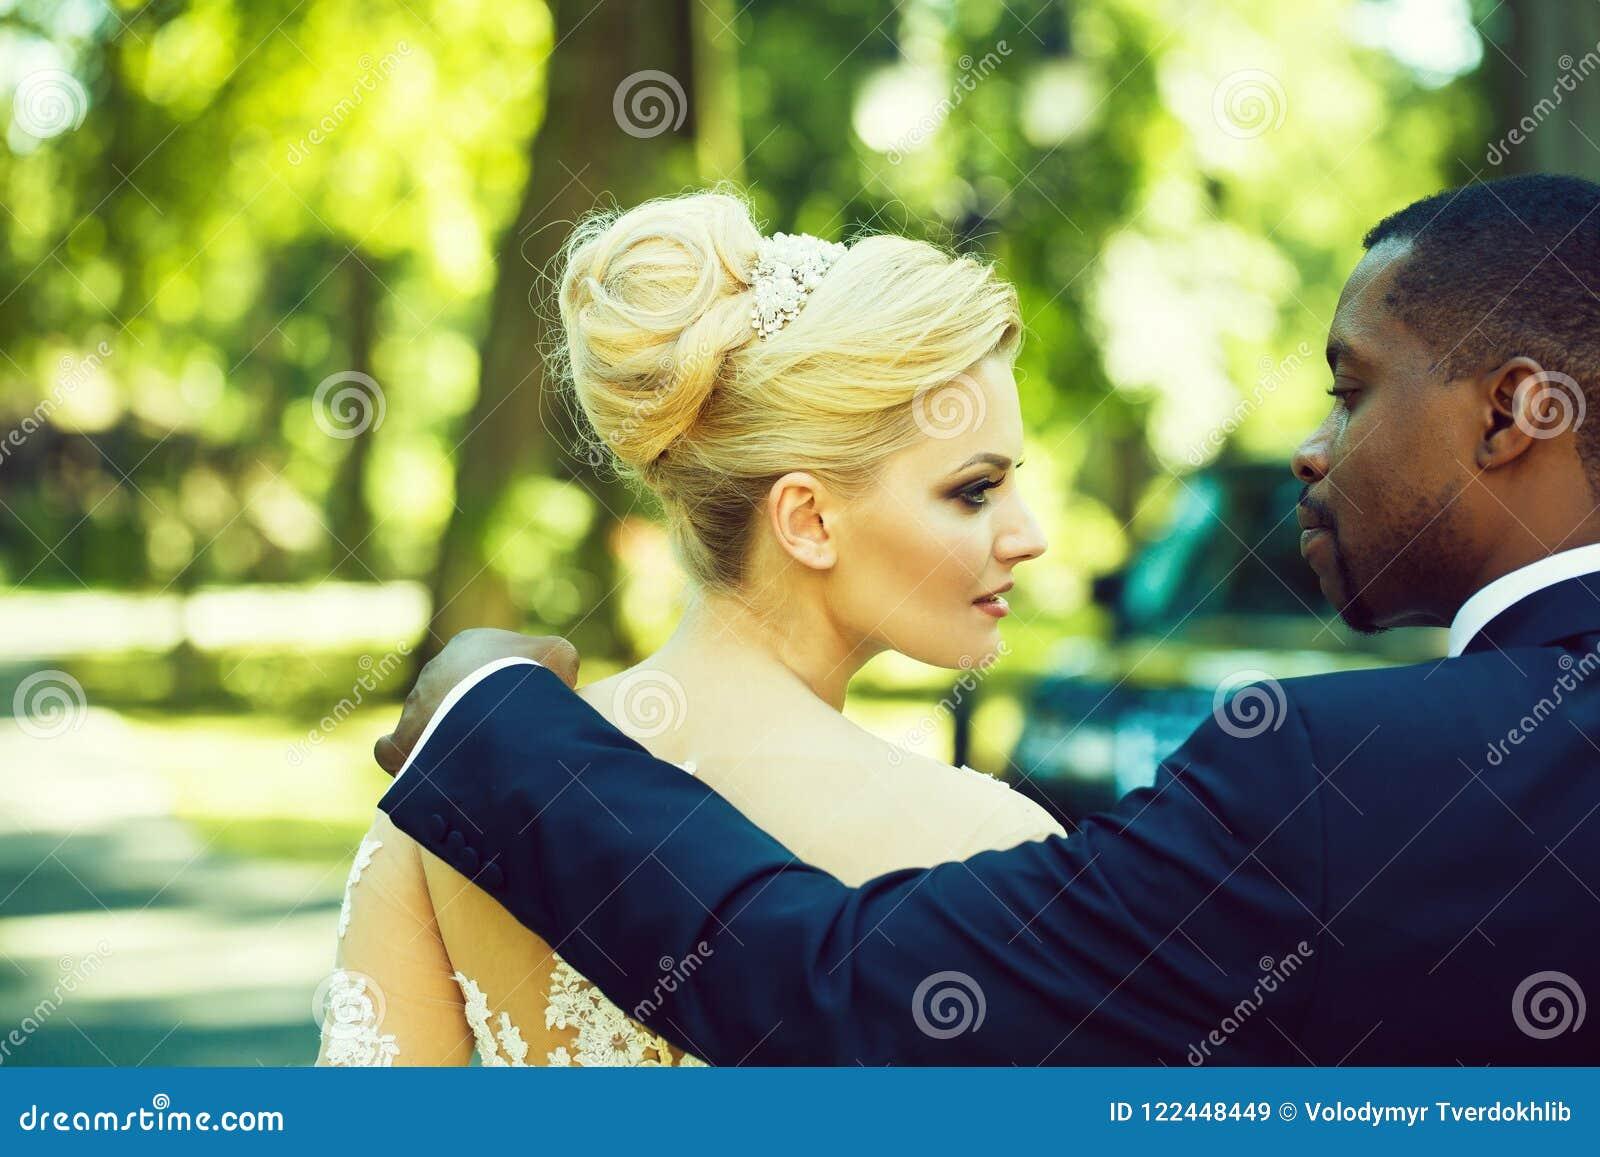 El novio cariñoso toca el hombro de la novia adorable